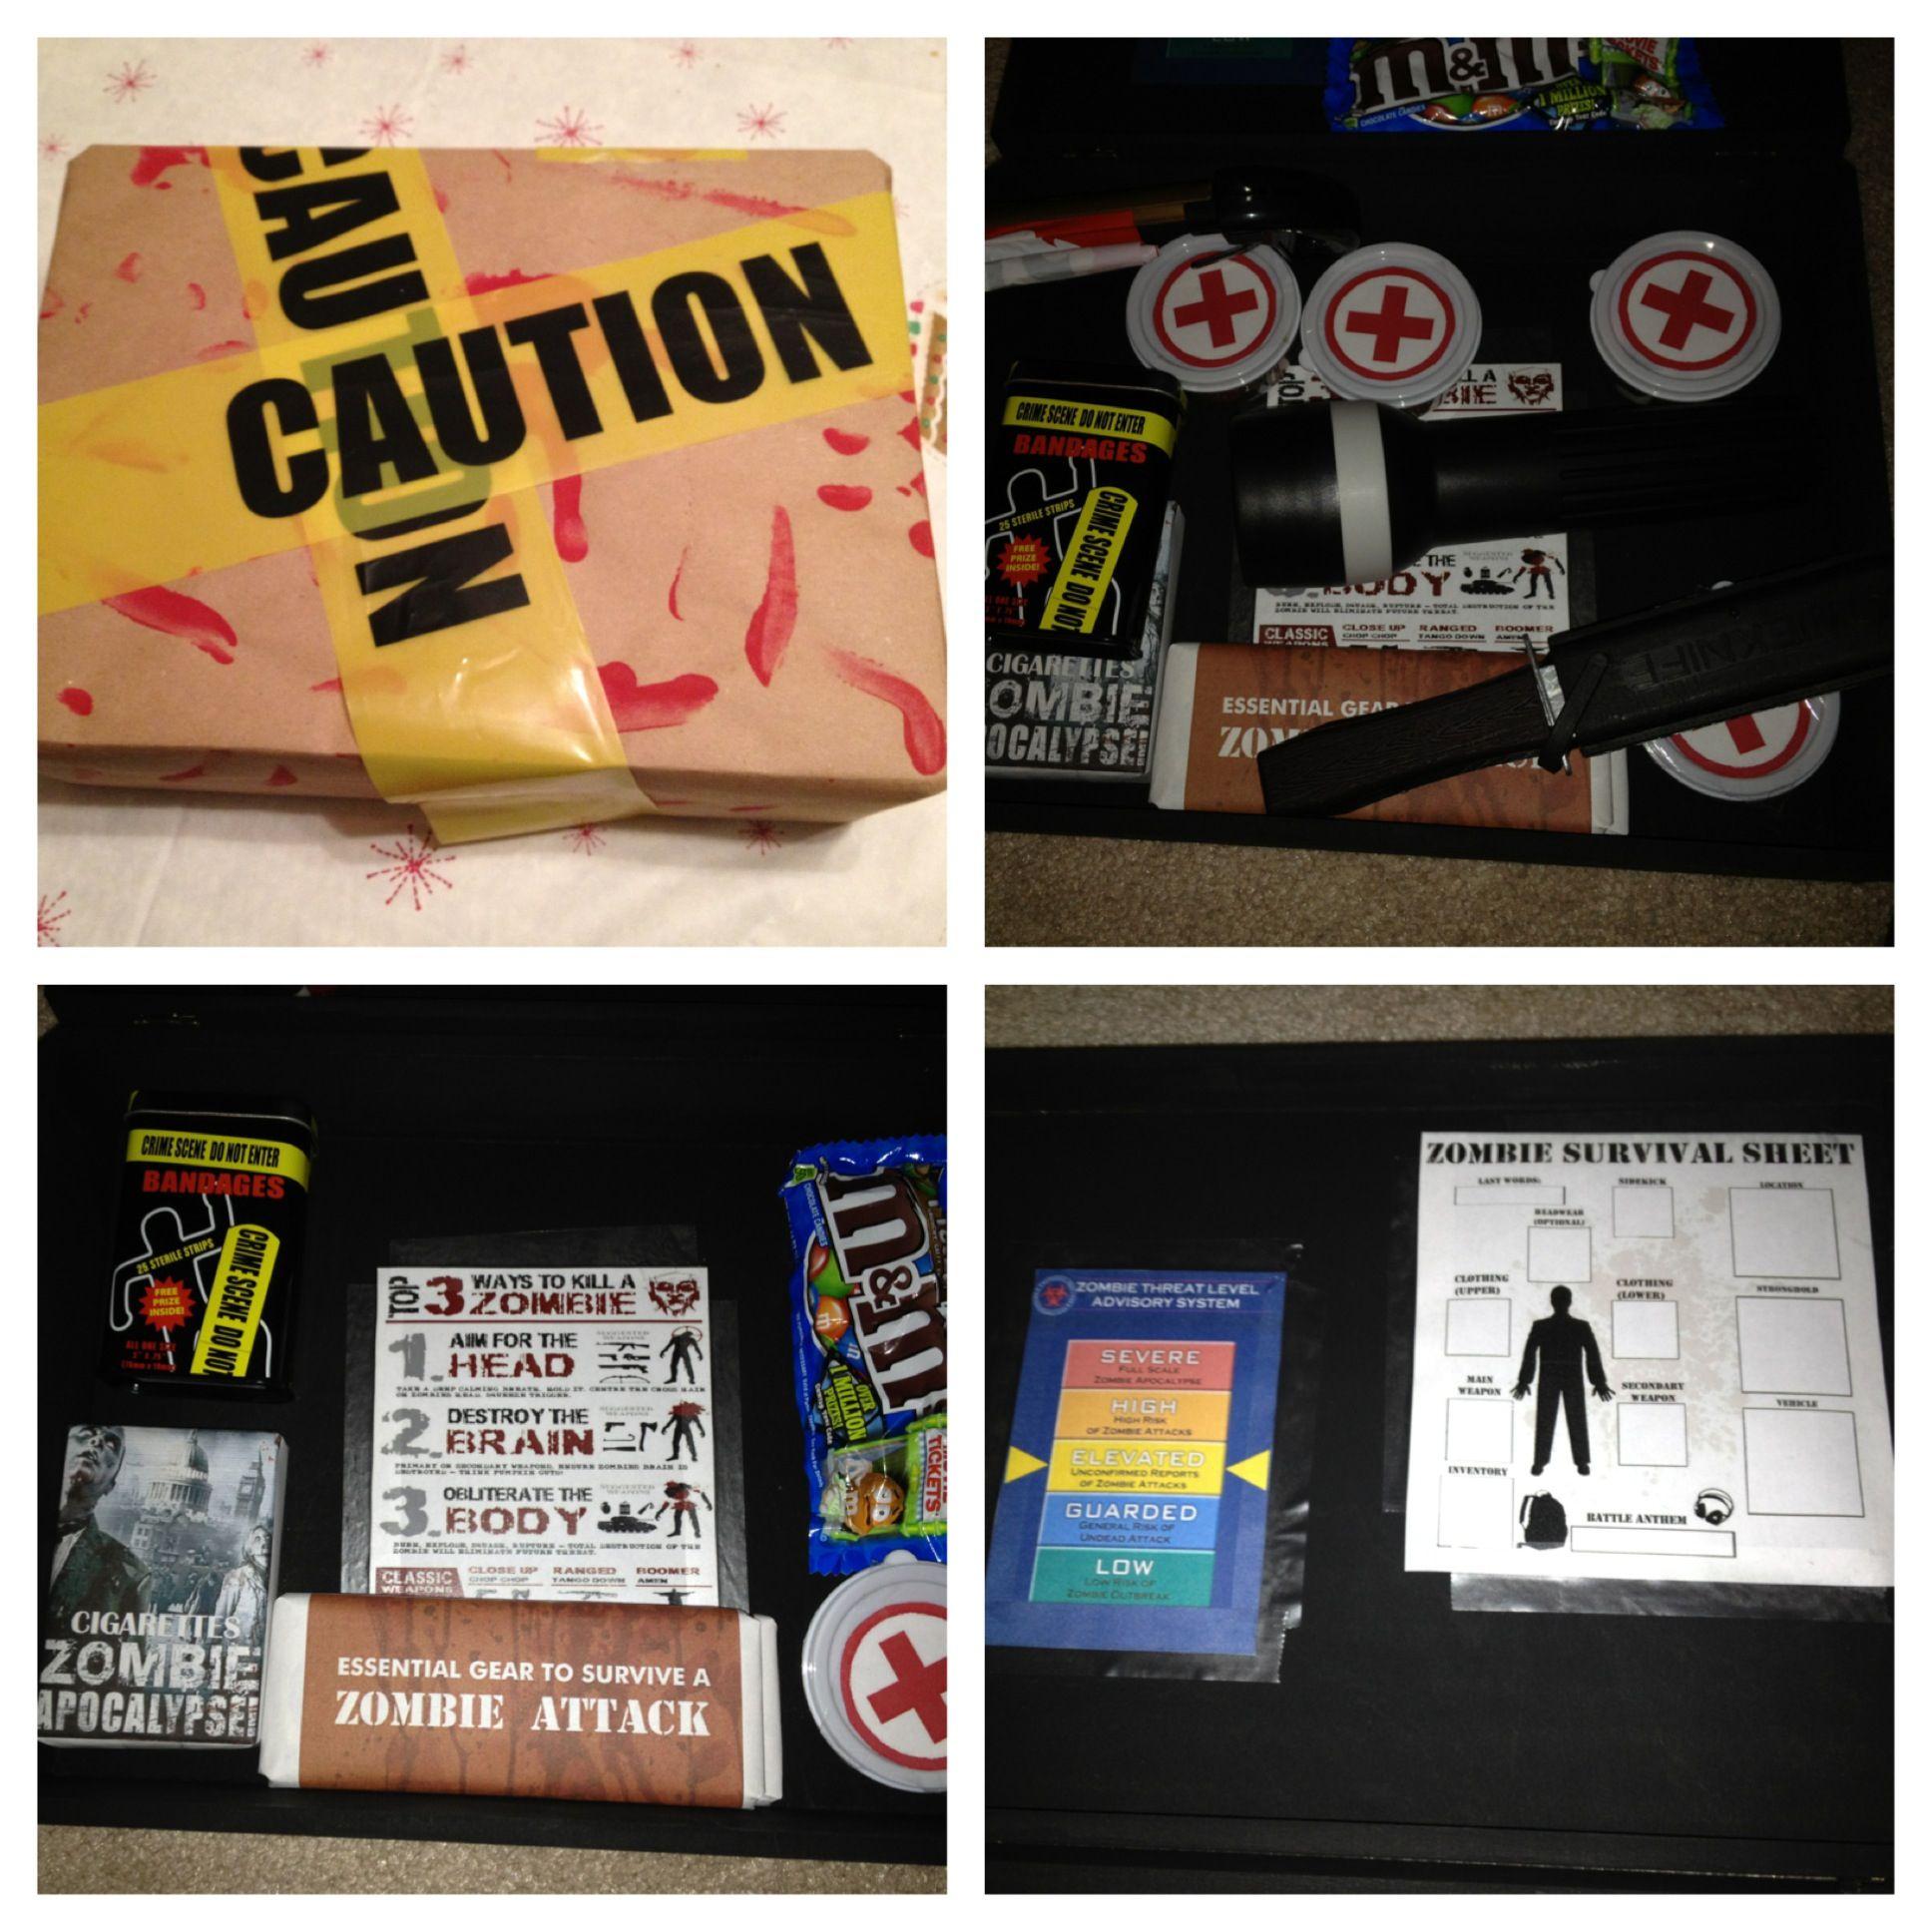 Zombie Apocalypse Box I Made For A Christmas Gift Zombie Gifts Christmas Gifts Gifts